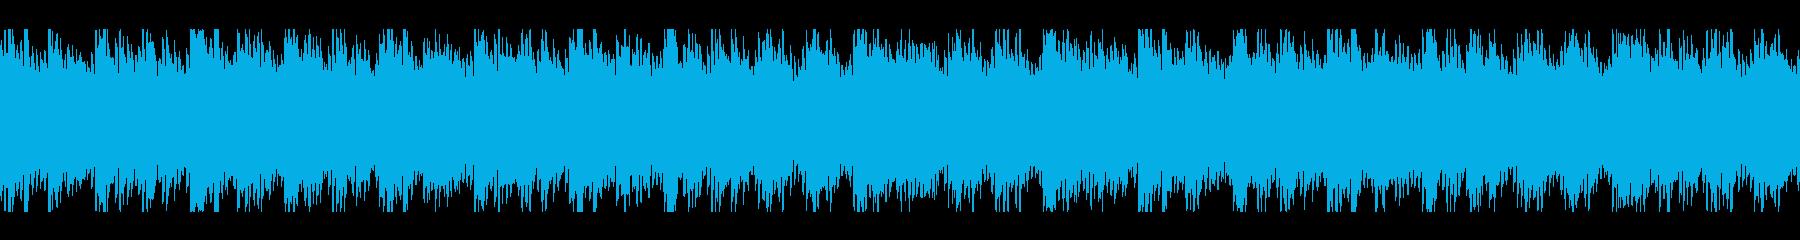 同じフレーズを繰り返すゆったりした楽曲の再生済みの波形